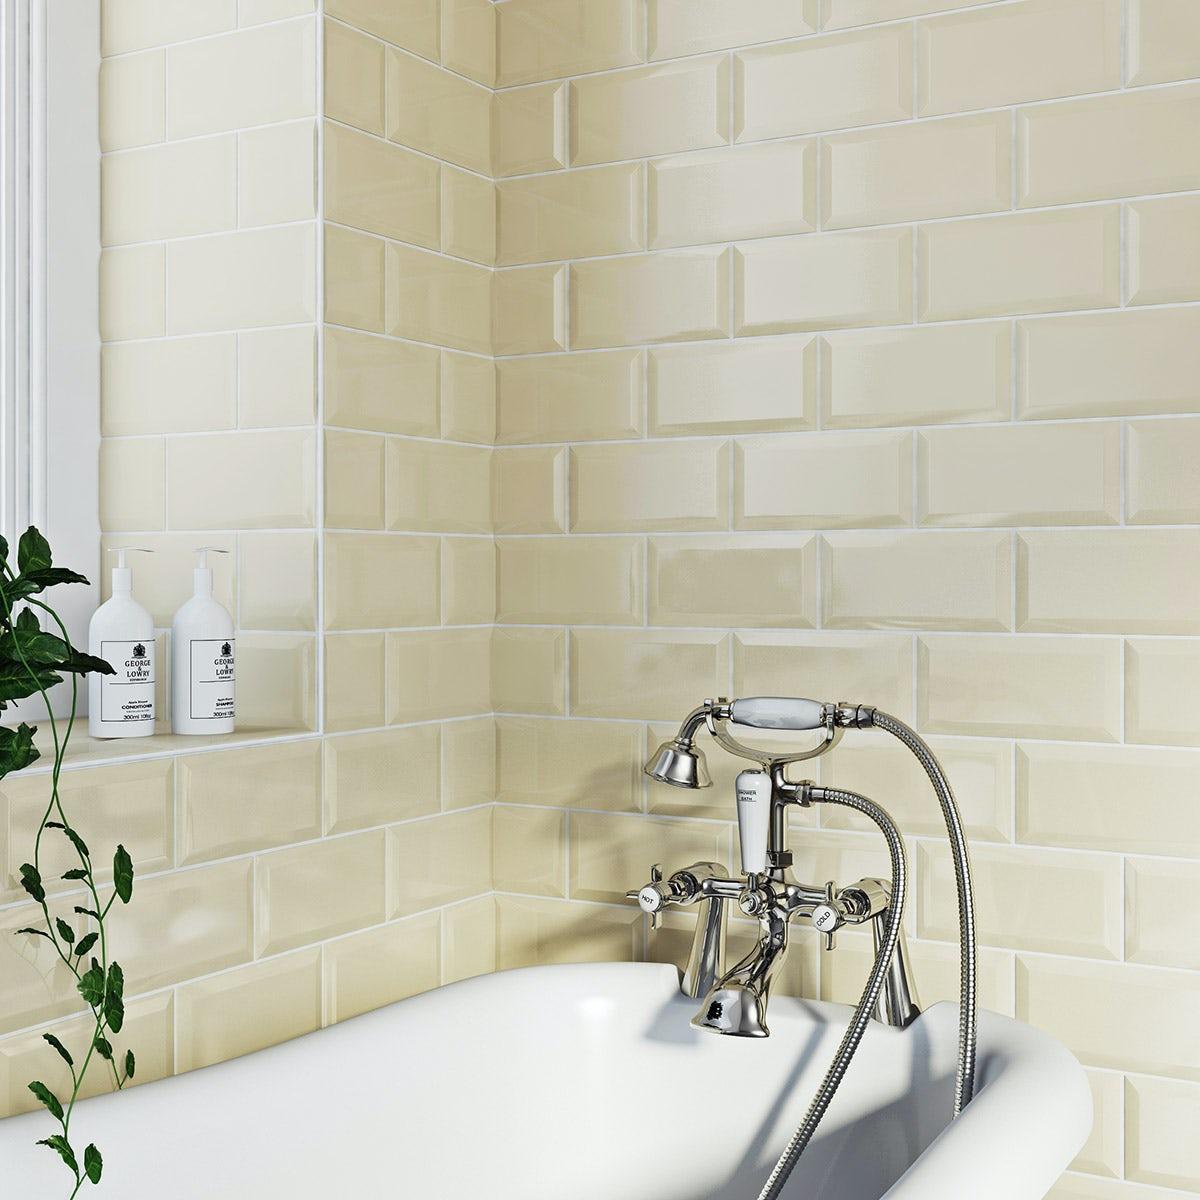 Cream Gloss Kitchen Wall Tiles: British Ceramic Tile Metro Bevel Cream Gloss Tile 100mm X